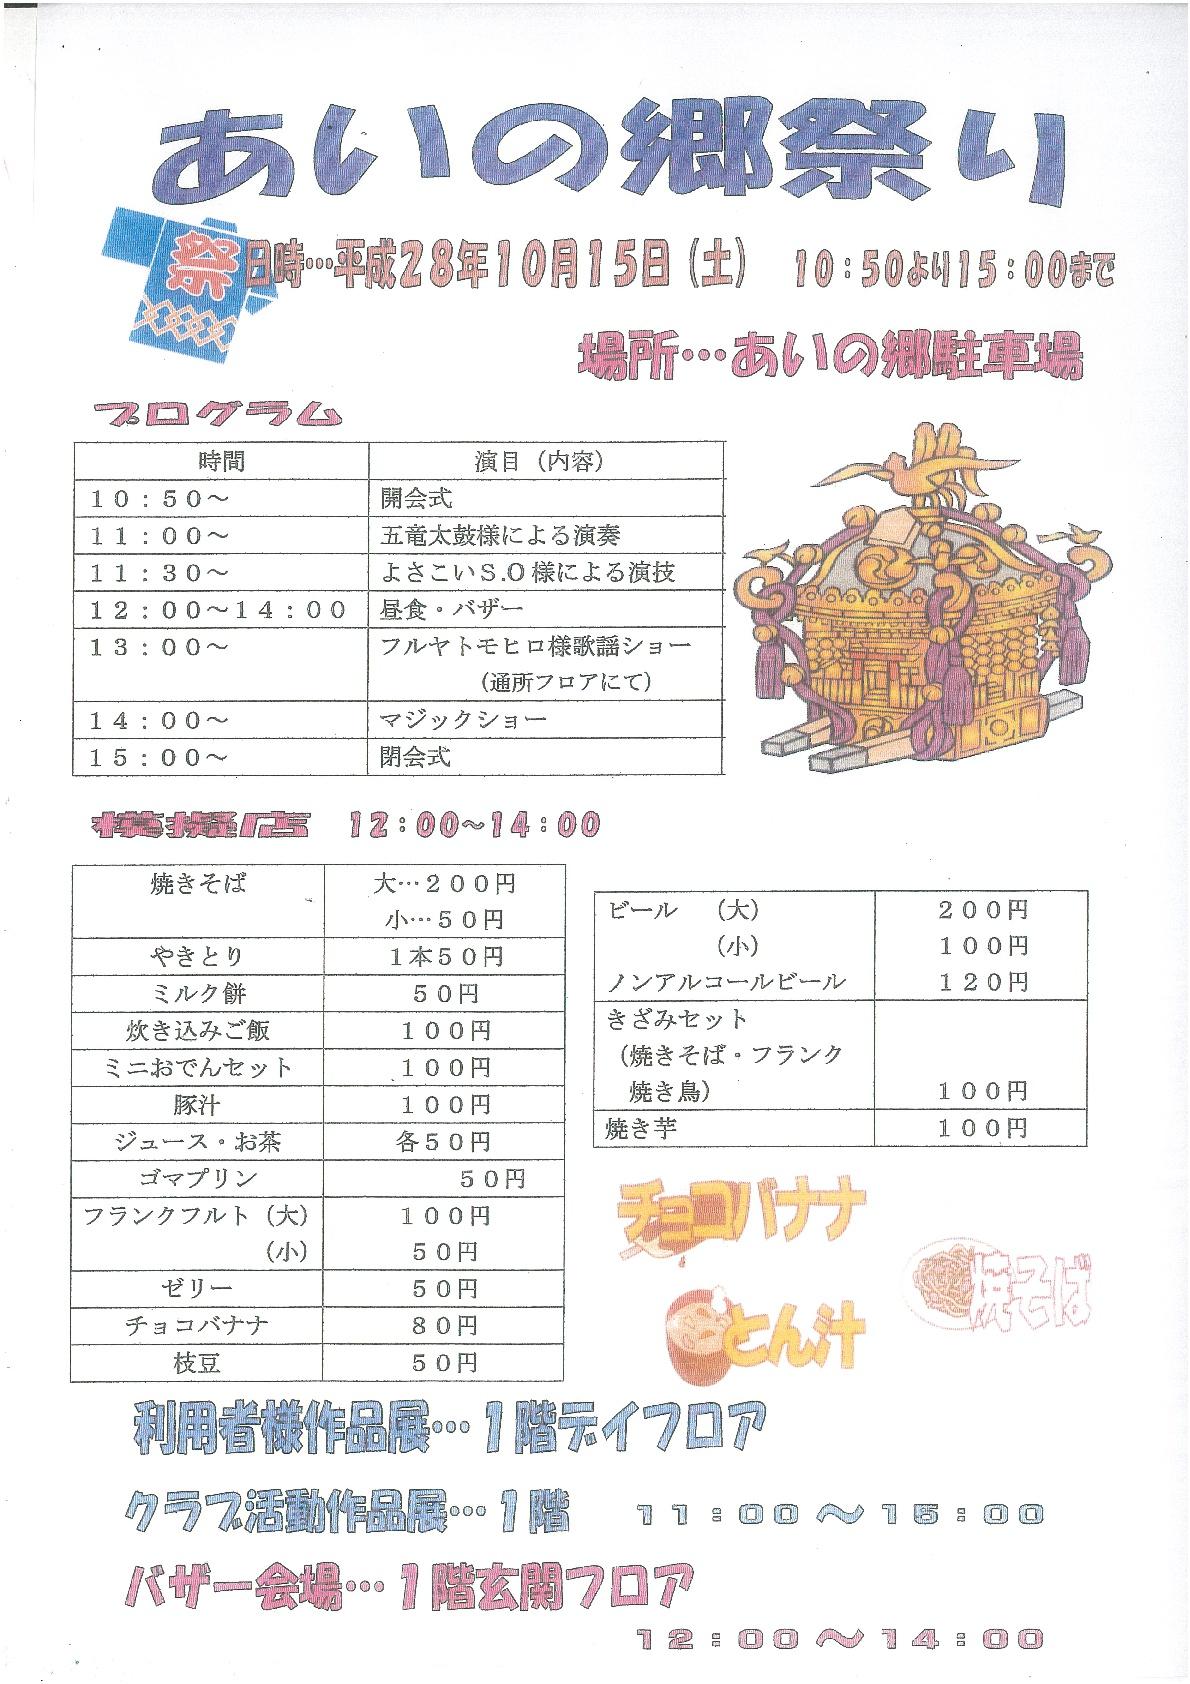 2016_10_15あいの郷まつりポスター